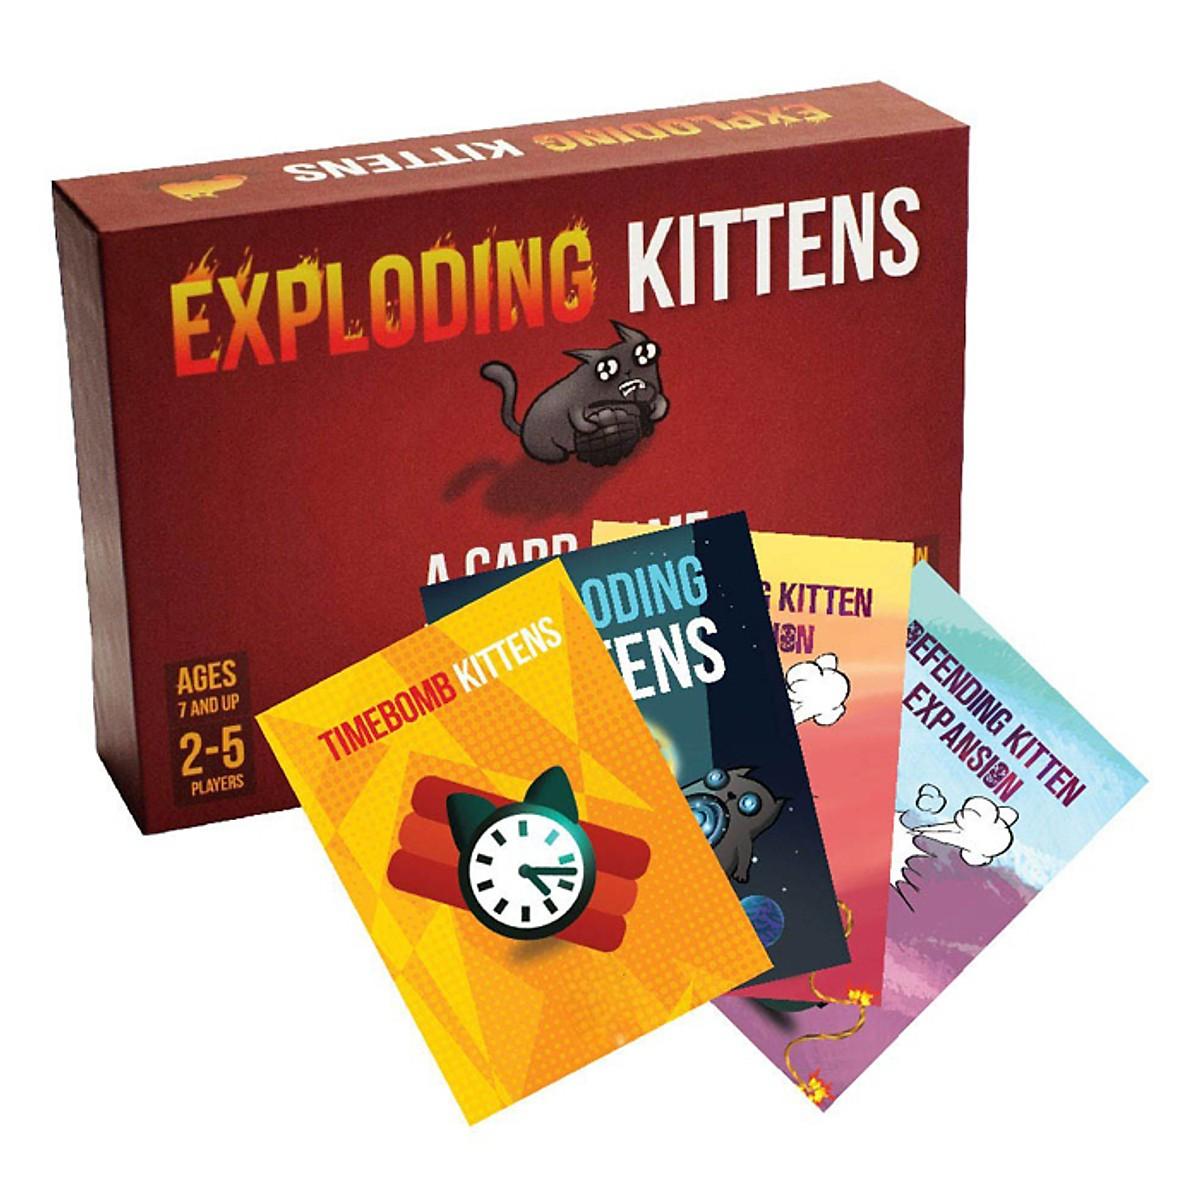 Combo Bài Mèo Nổ Exploding Kittens + 4 Bản Mèo Mở Rộng + Bọc Bài